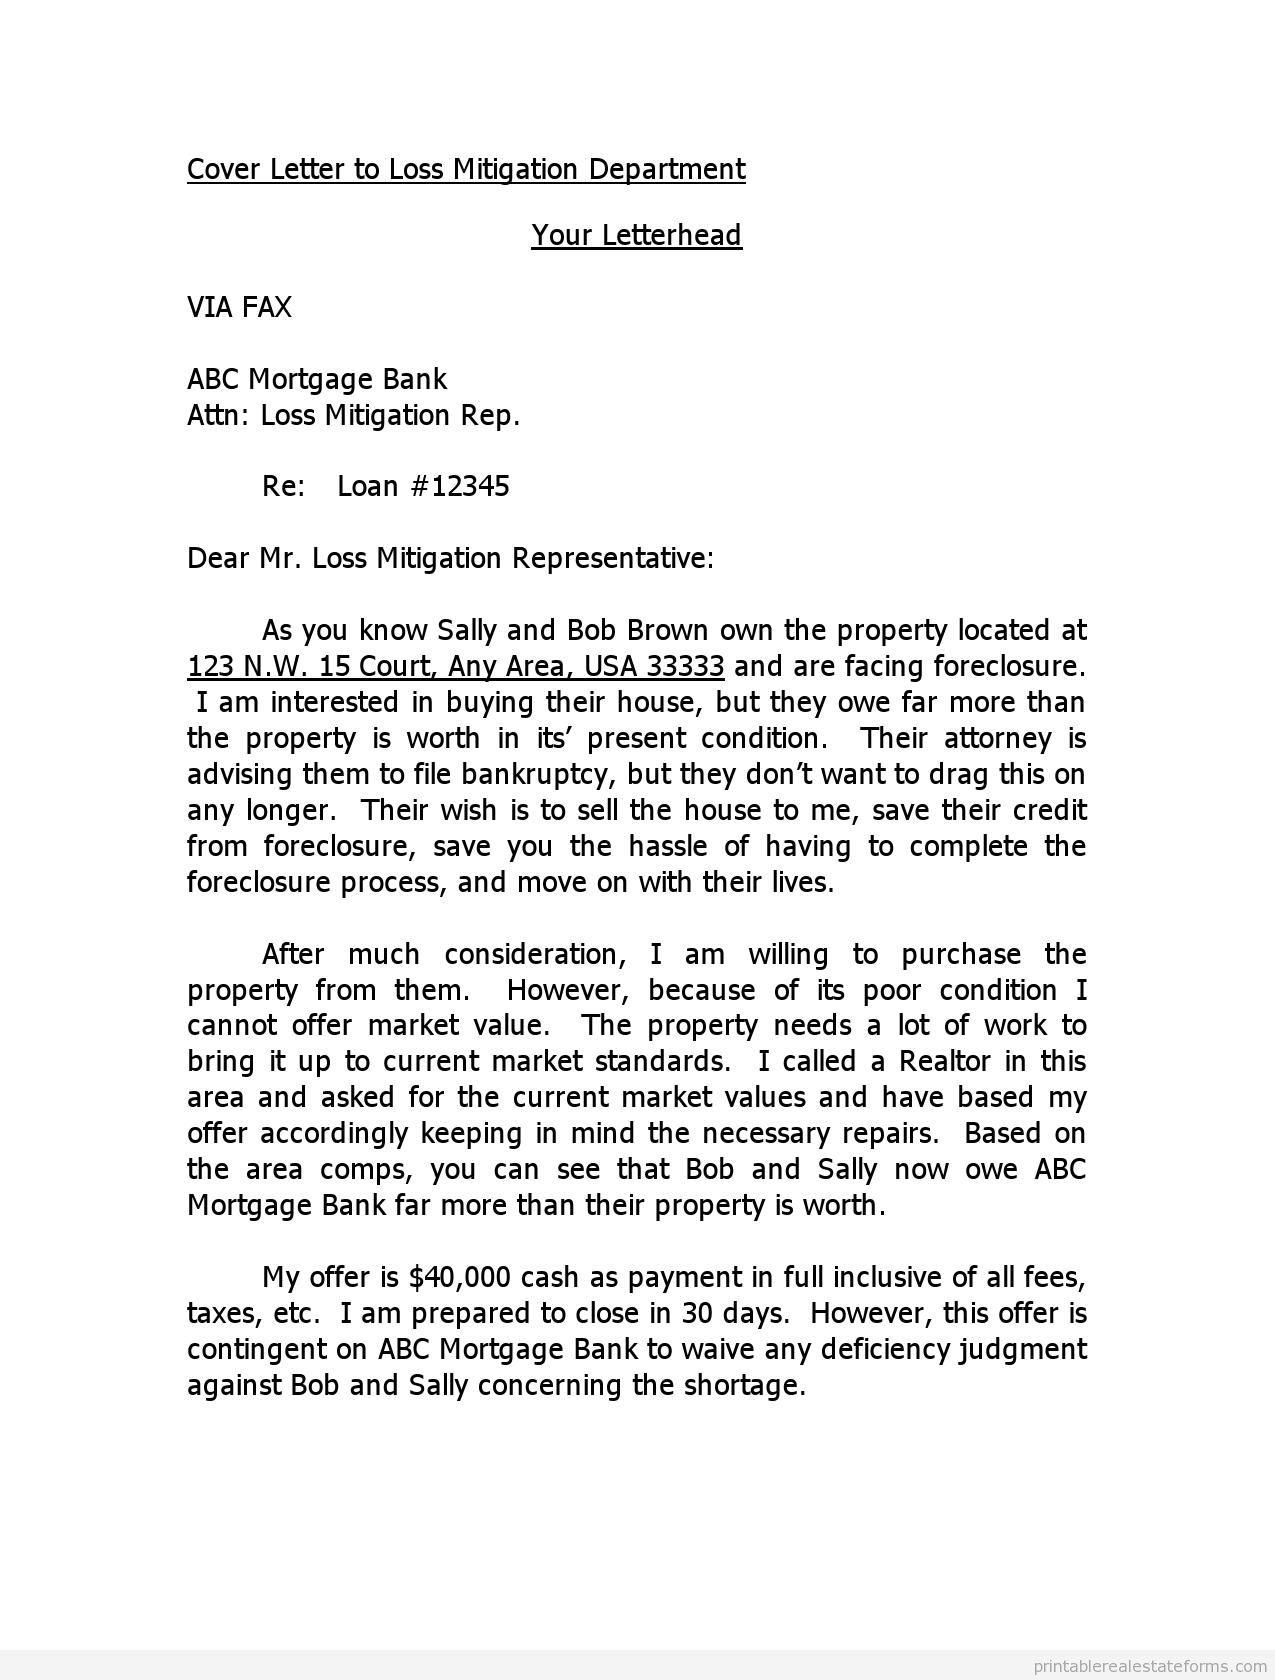 Bank Internship Cover Letter Images - Cover Letter Sample